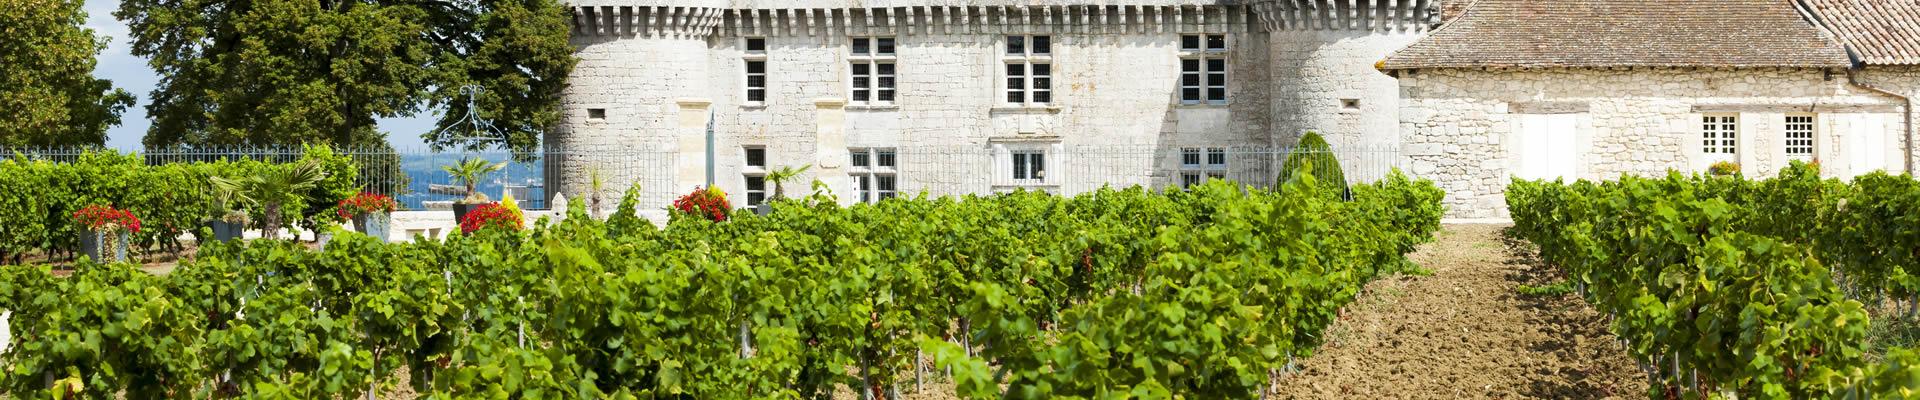 Bergerac vineyard